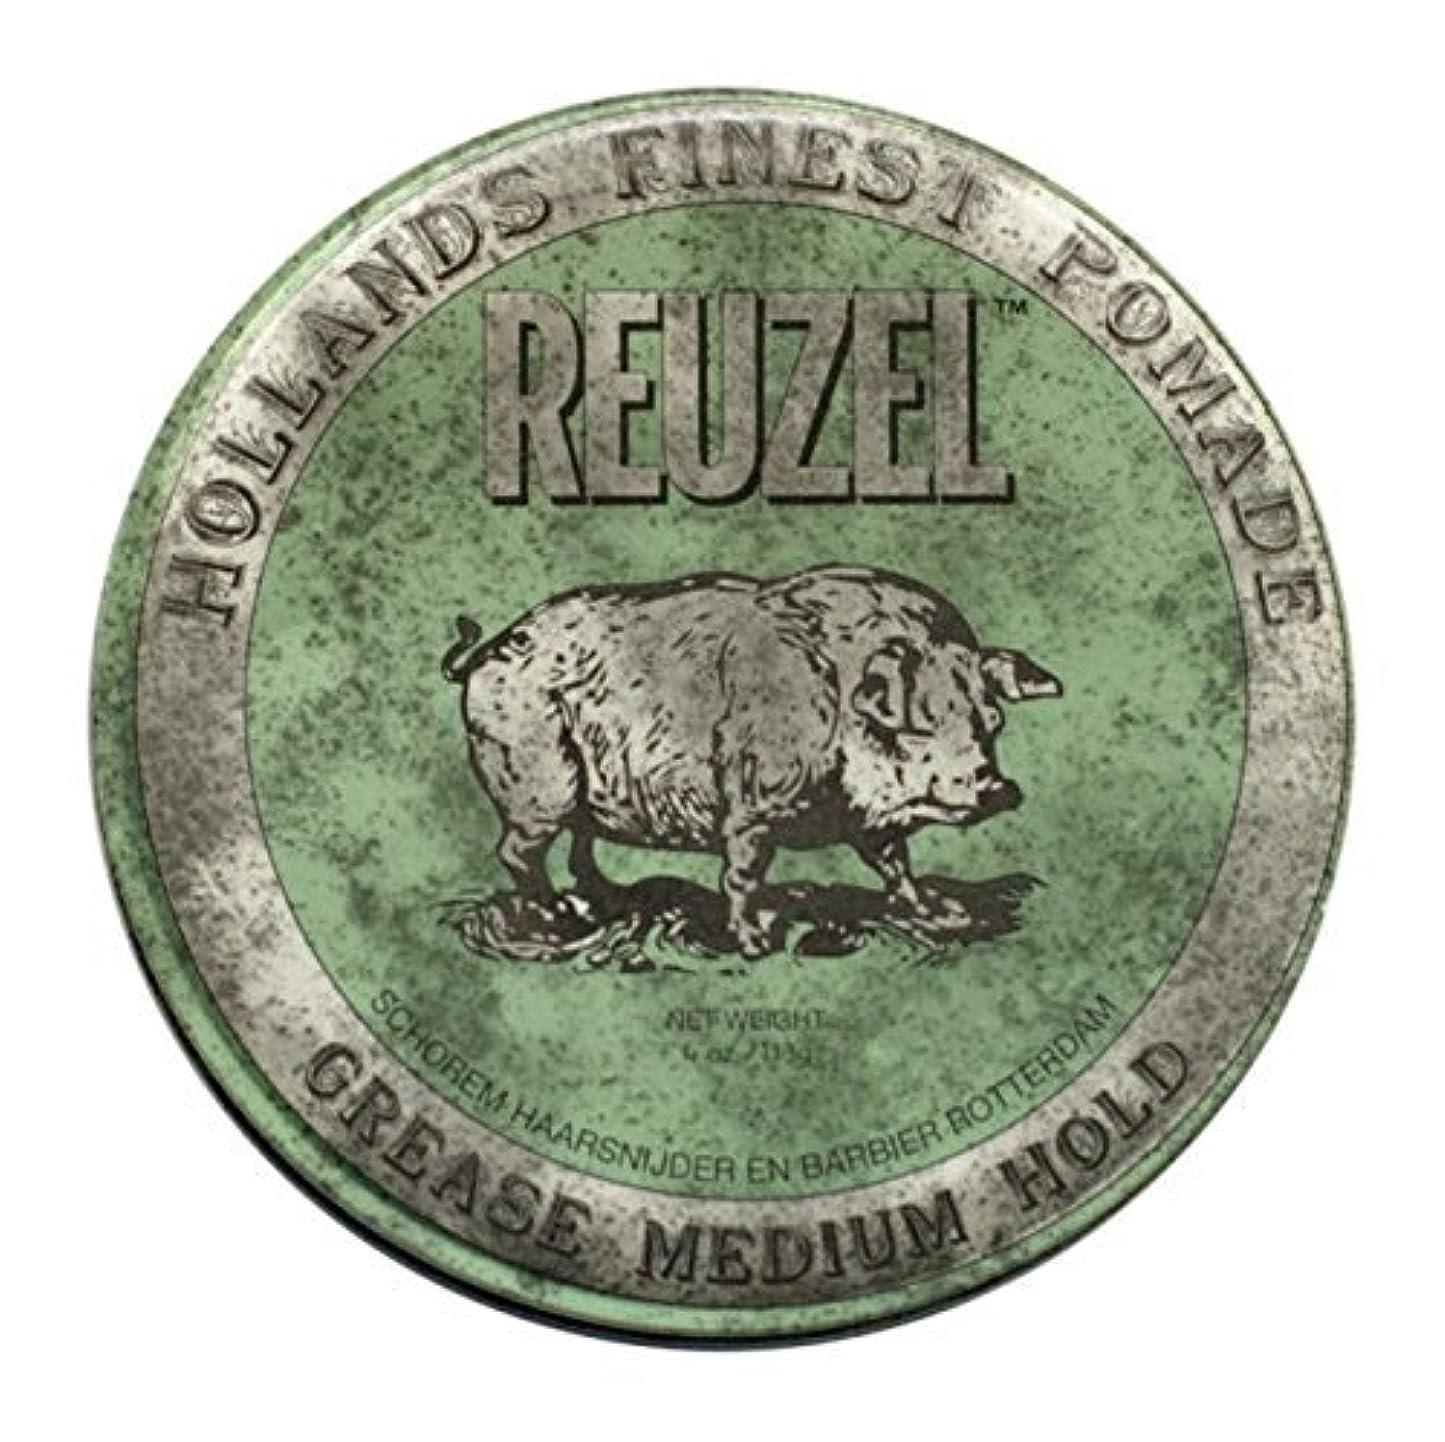 戦う広く明らかReuzel Green Grease Medium Hold Hair Styling Pomade Piglet 1.3oz (35g) Wax/Gel by Reuzel